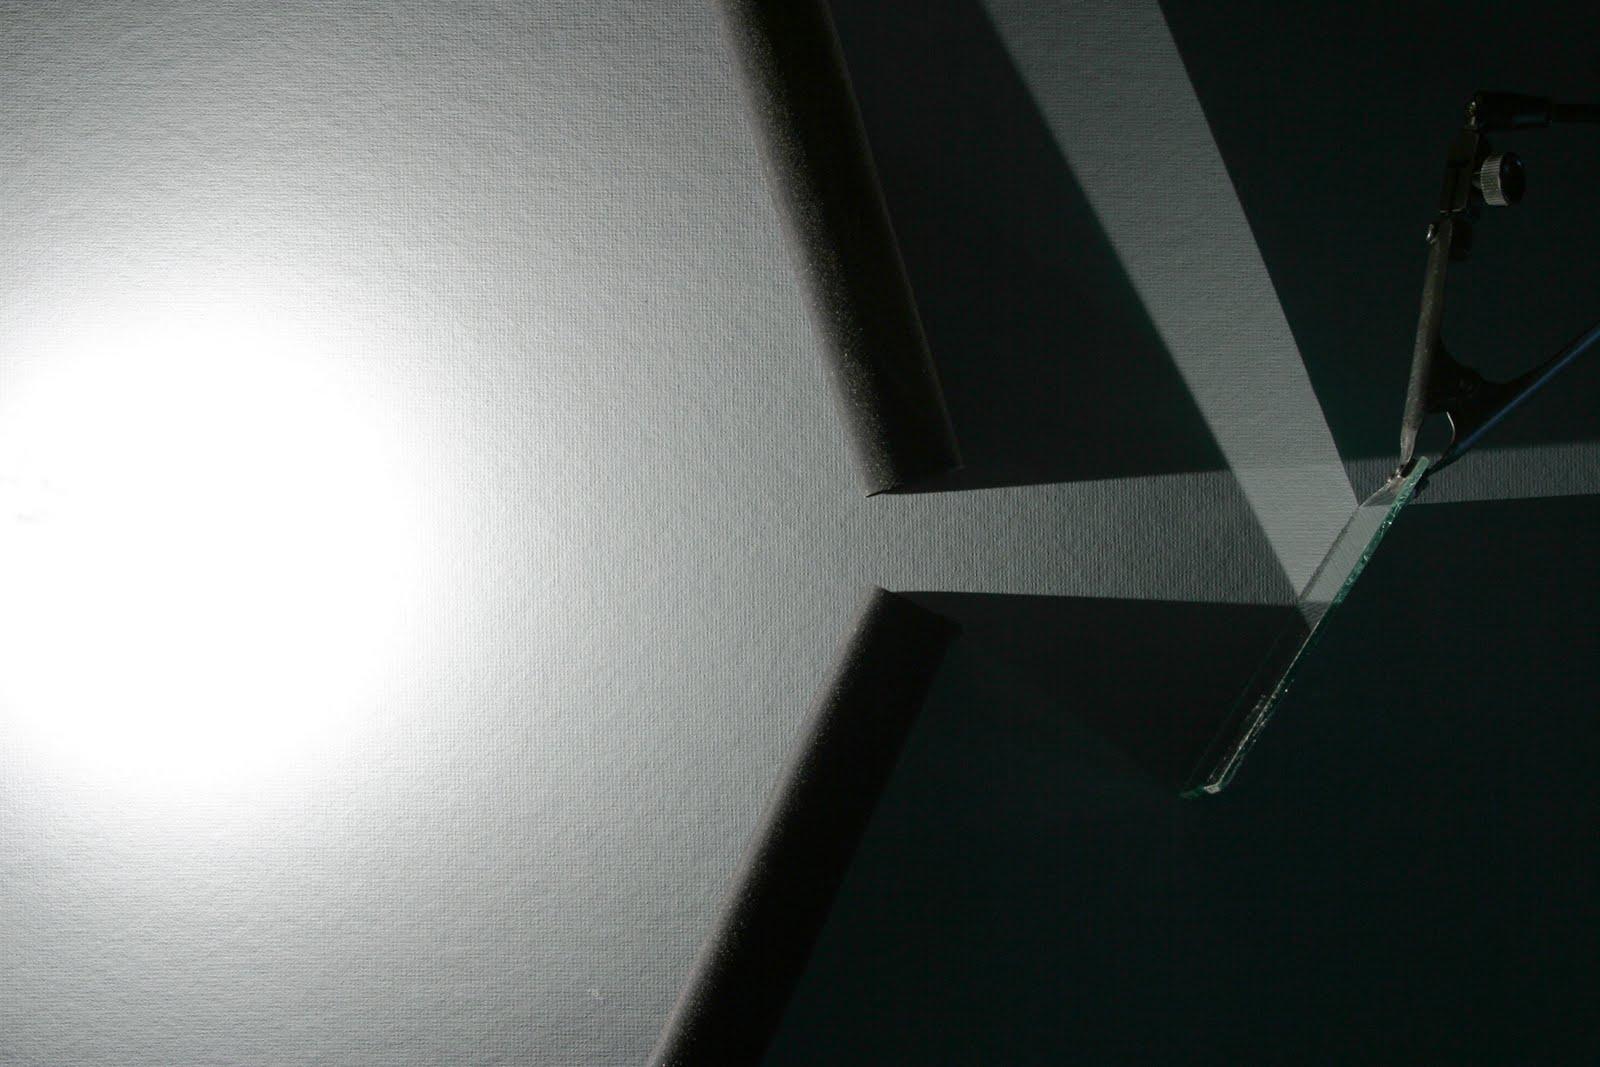 Fall Chris Callis Lighting Class Lesson 2 Angle Of